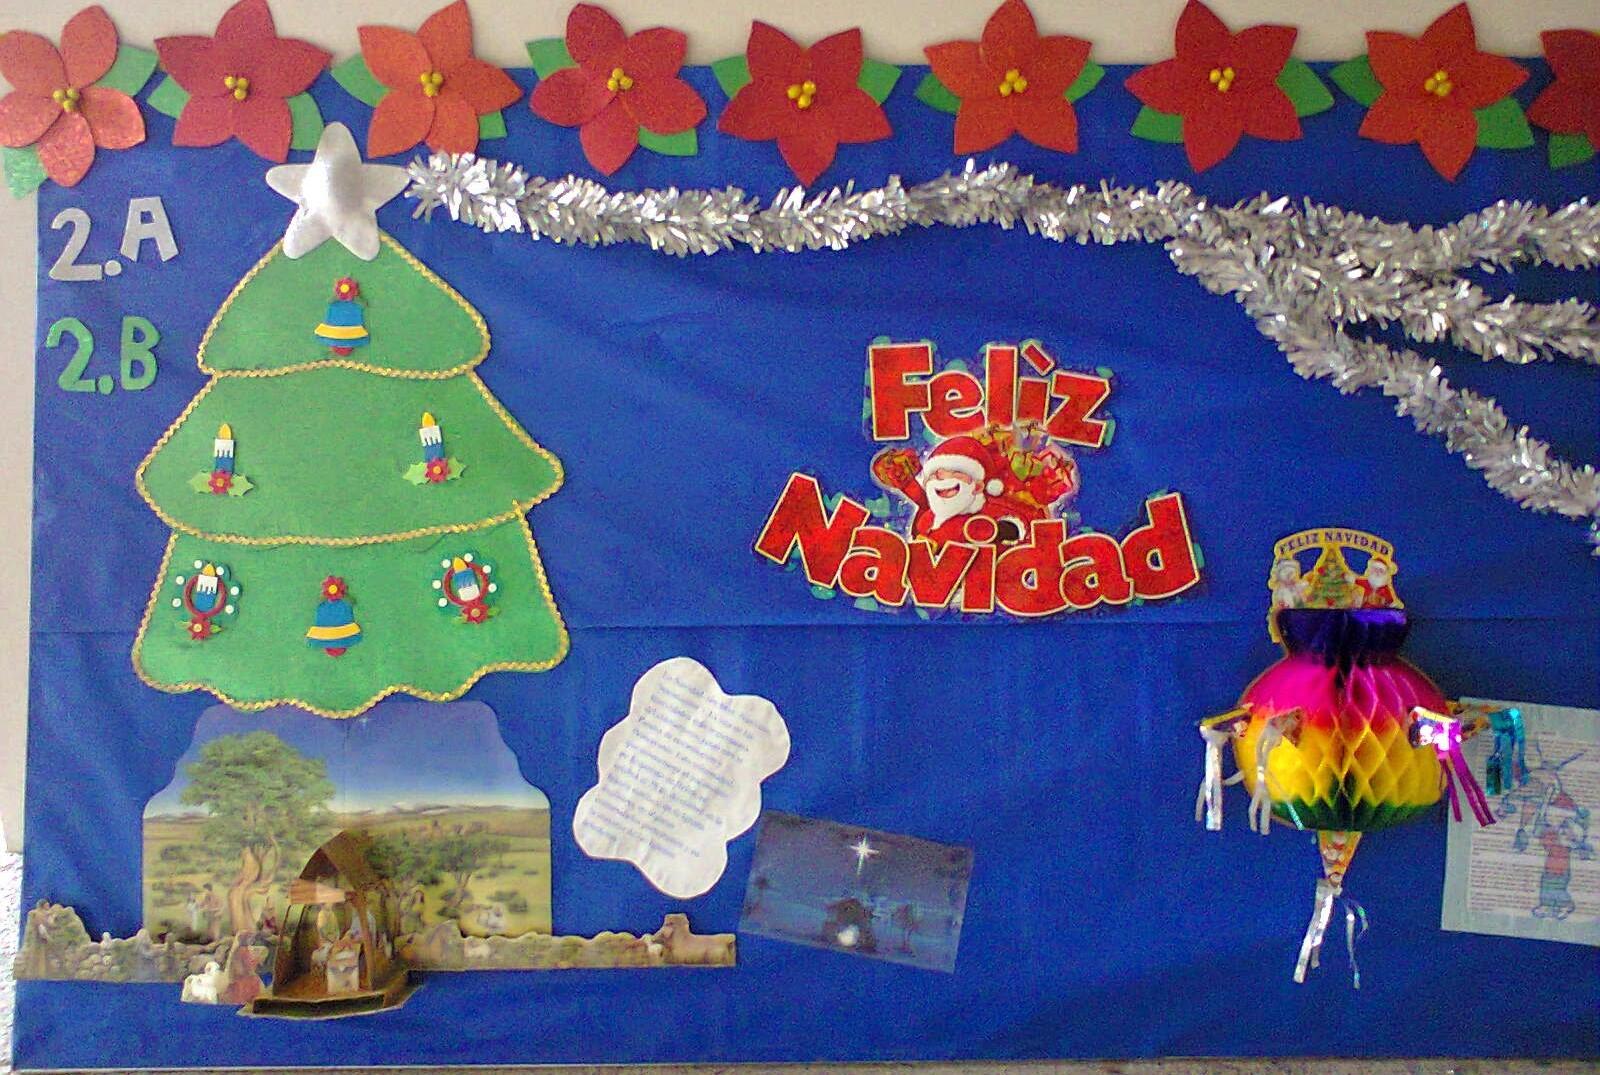 Periodico mural diciembre 7 imagenes educativas for El mural periodico